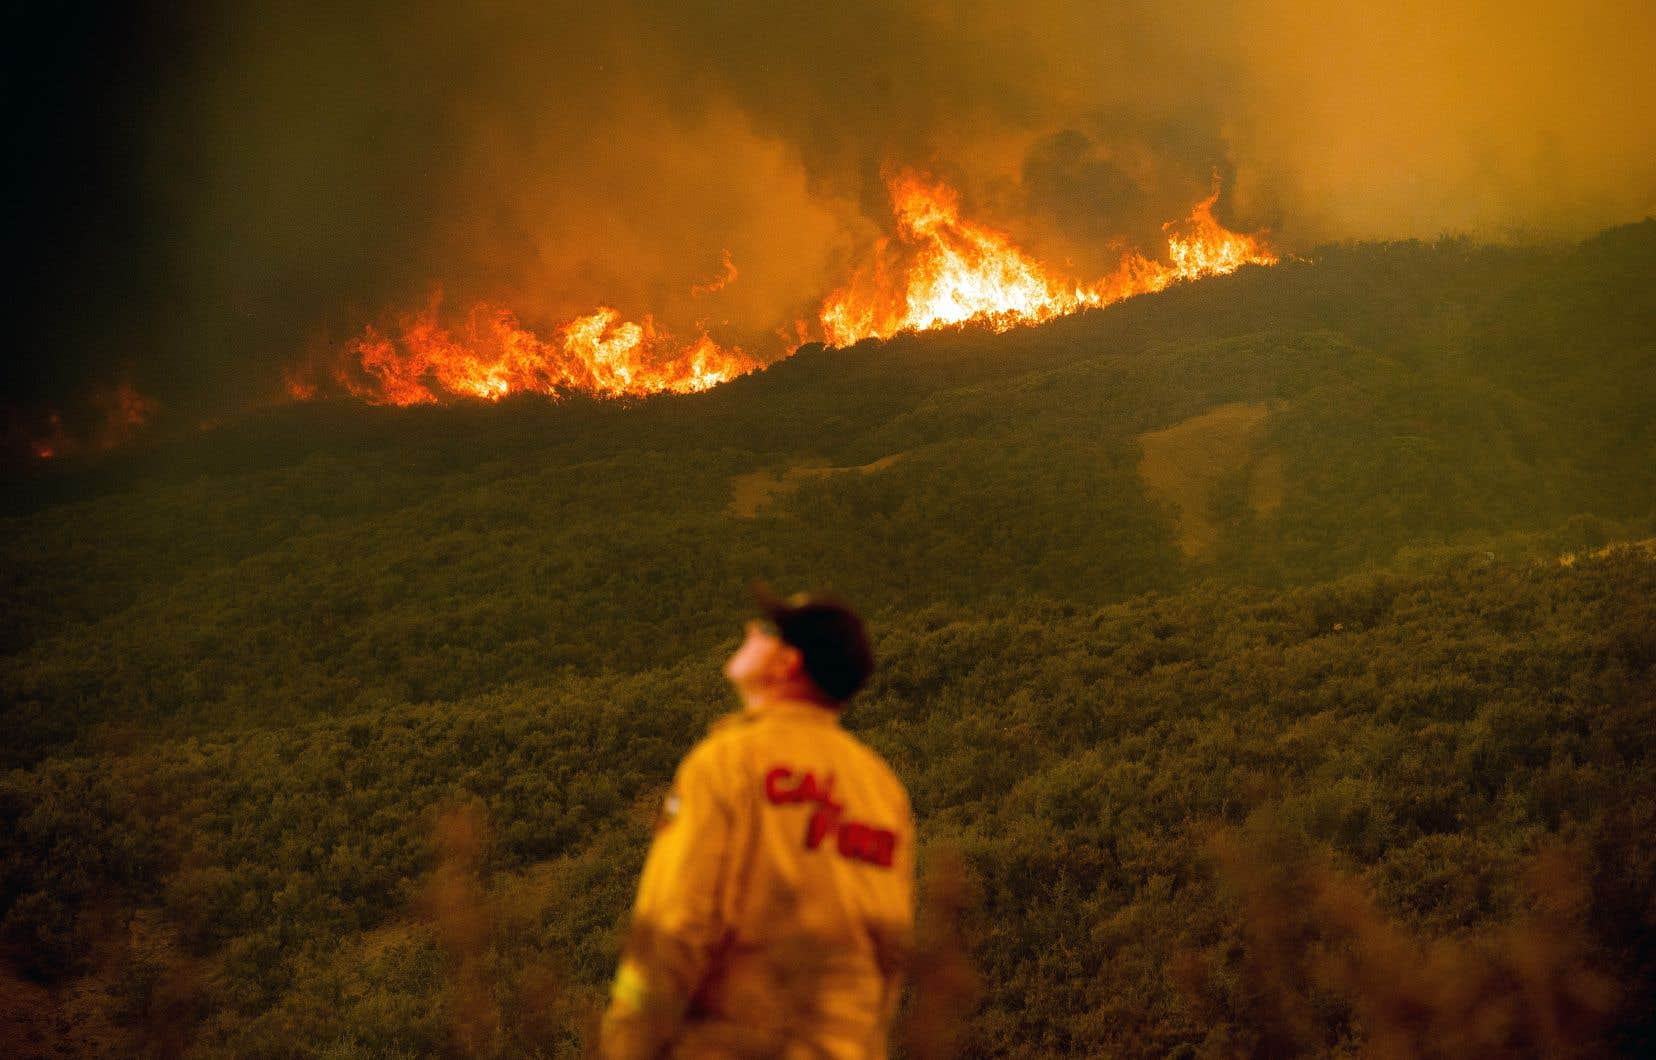 L'incendie Carr a été élevé au rang de sixième incendie le plus meurtrier de l'histoire de la Californie.